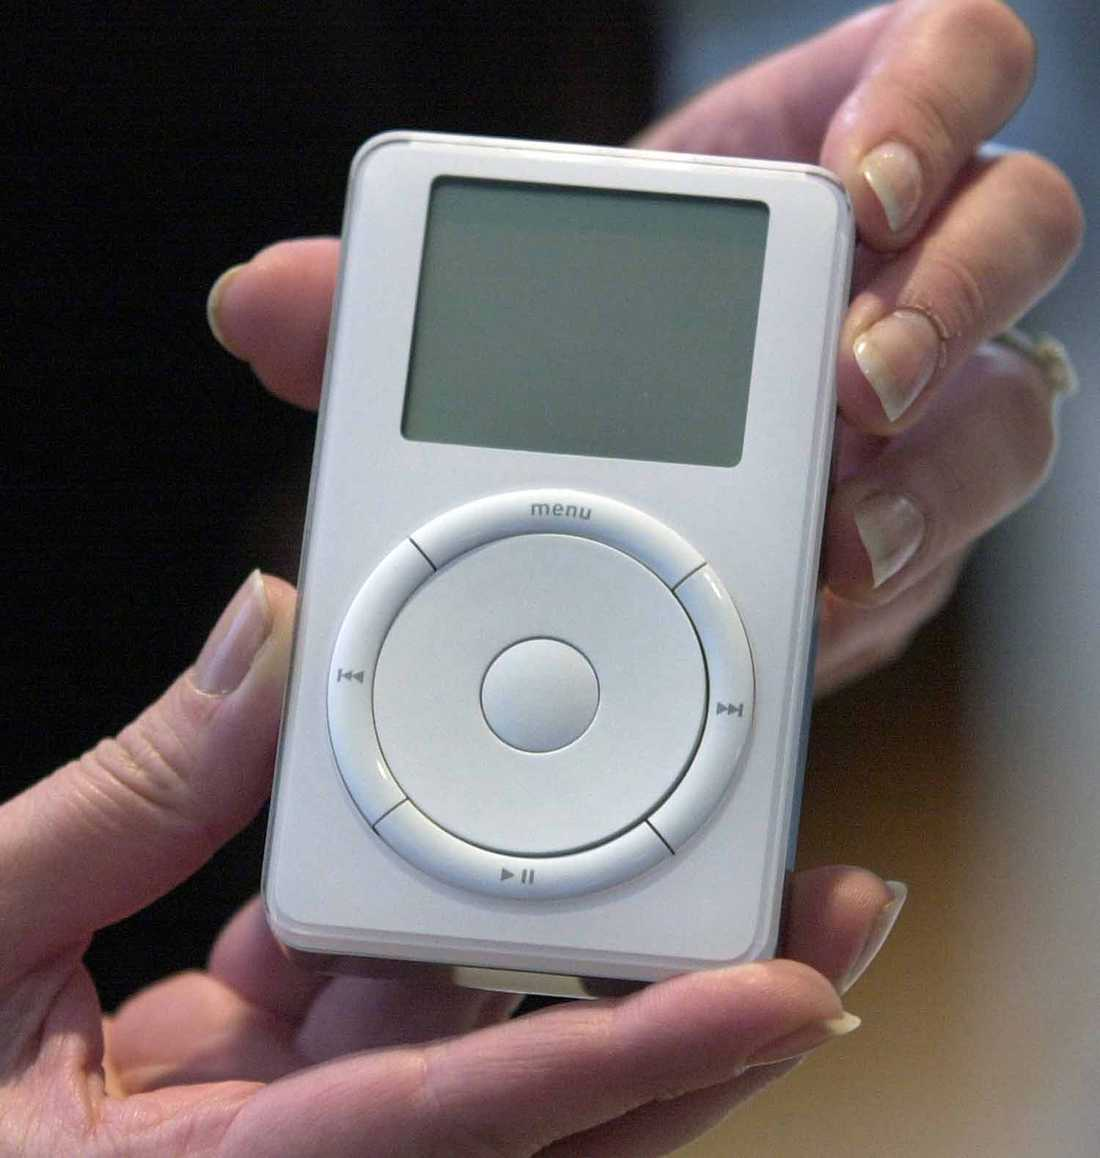 Premiär Den allra första Ipoden visas upp för pressen i oktober 2001. Musikspelaren blev startskottet för Apples makalösa framgångar de kommande åren.